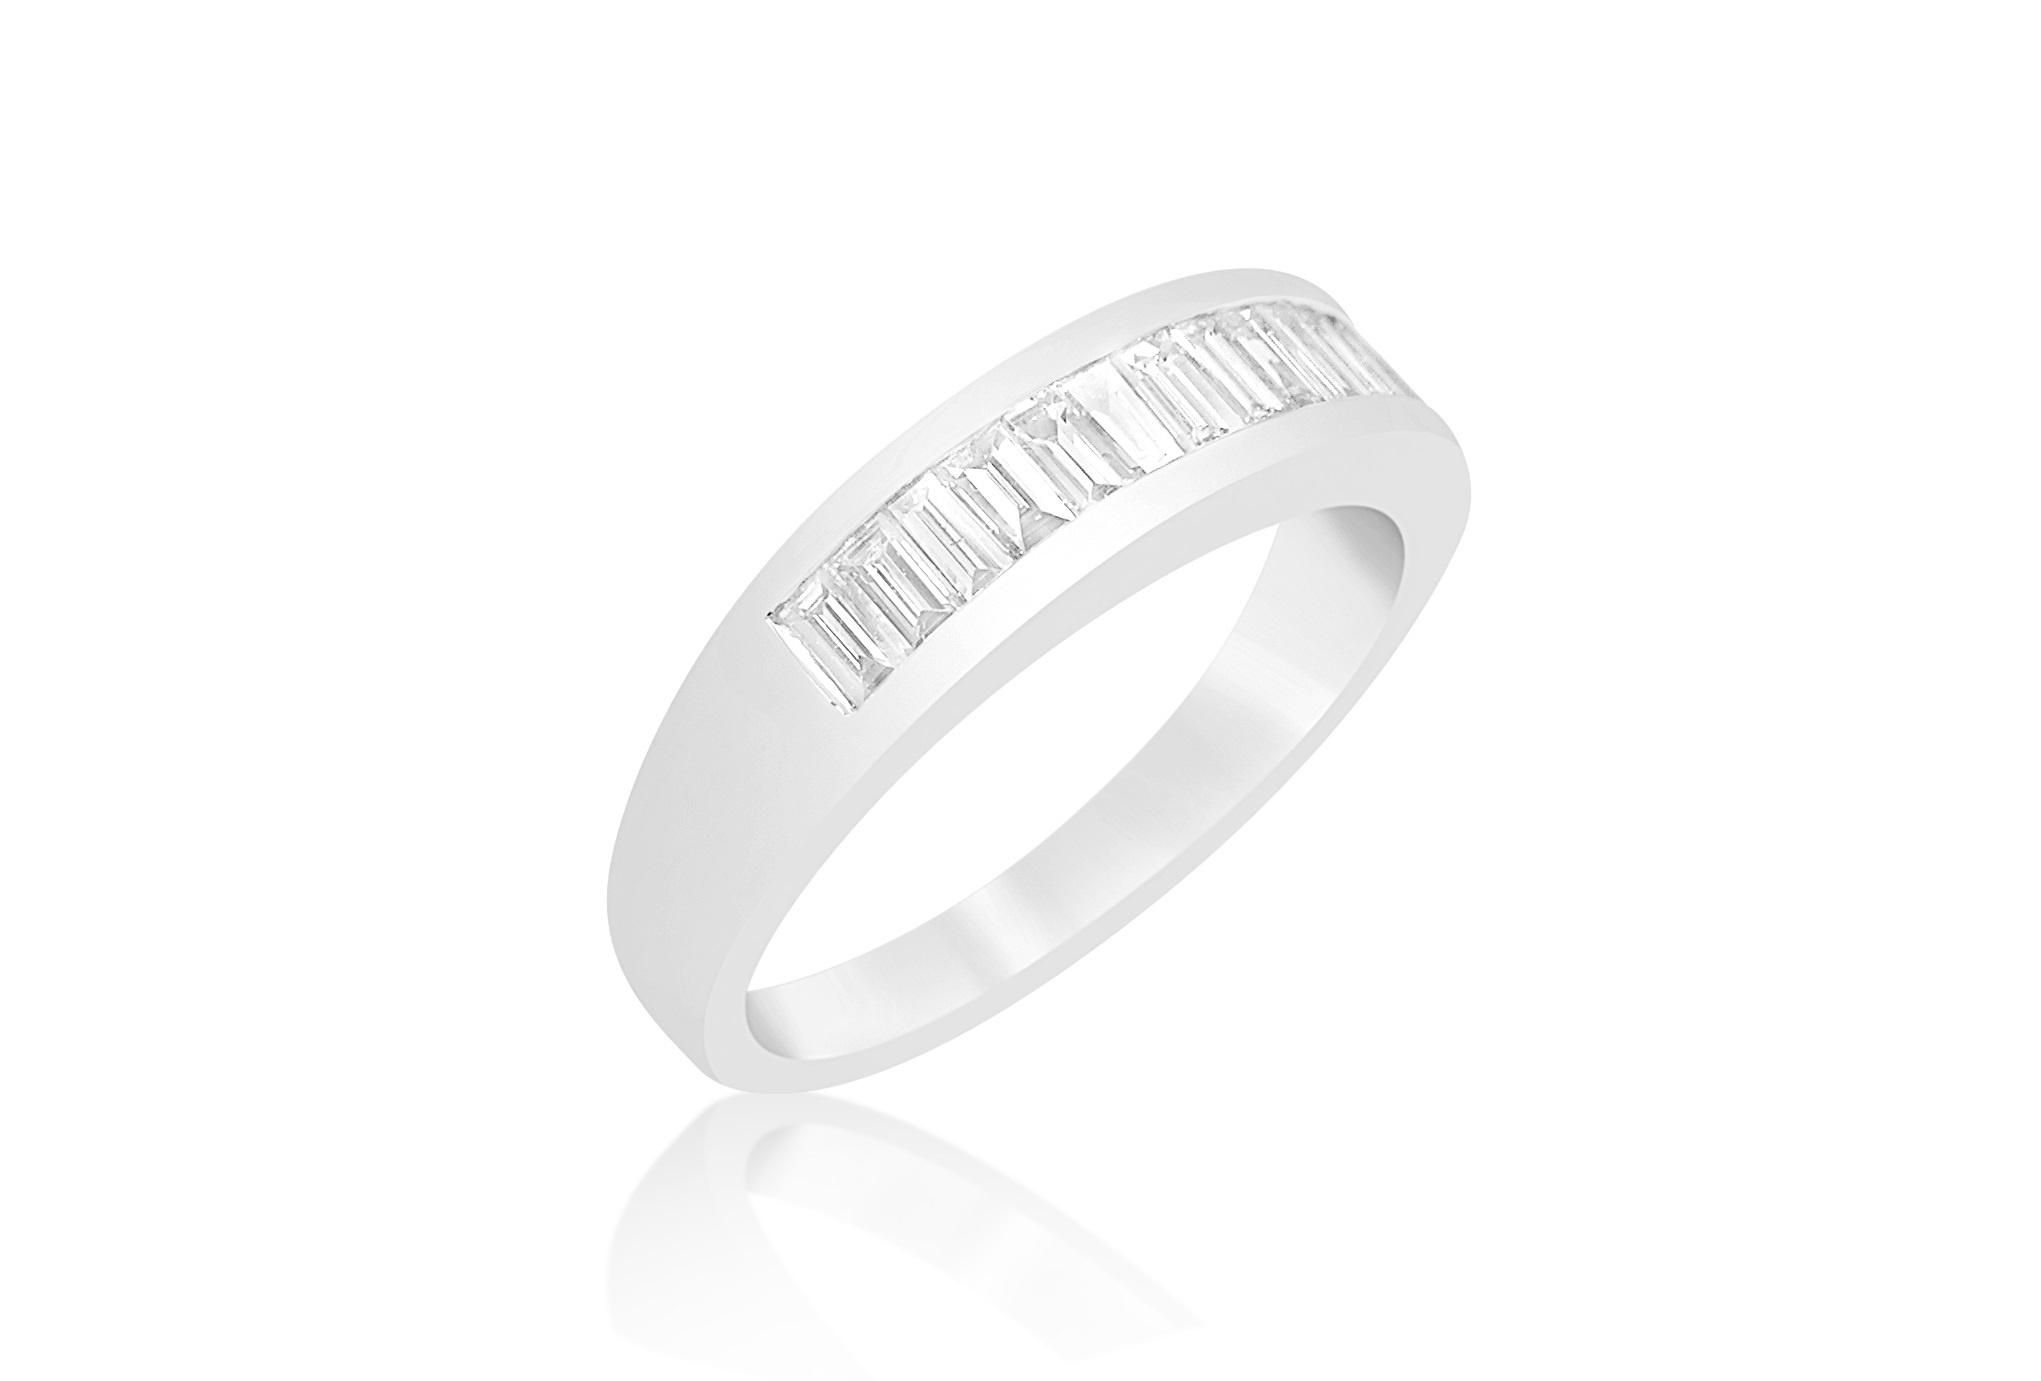 18 karaat wit goud ring met 0.56 CT diamanten